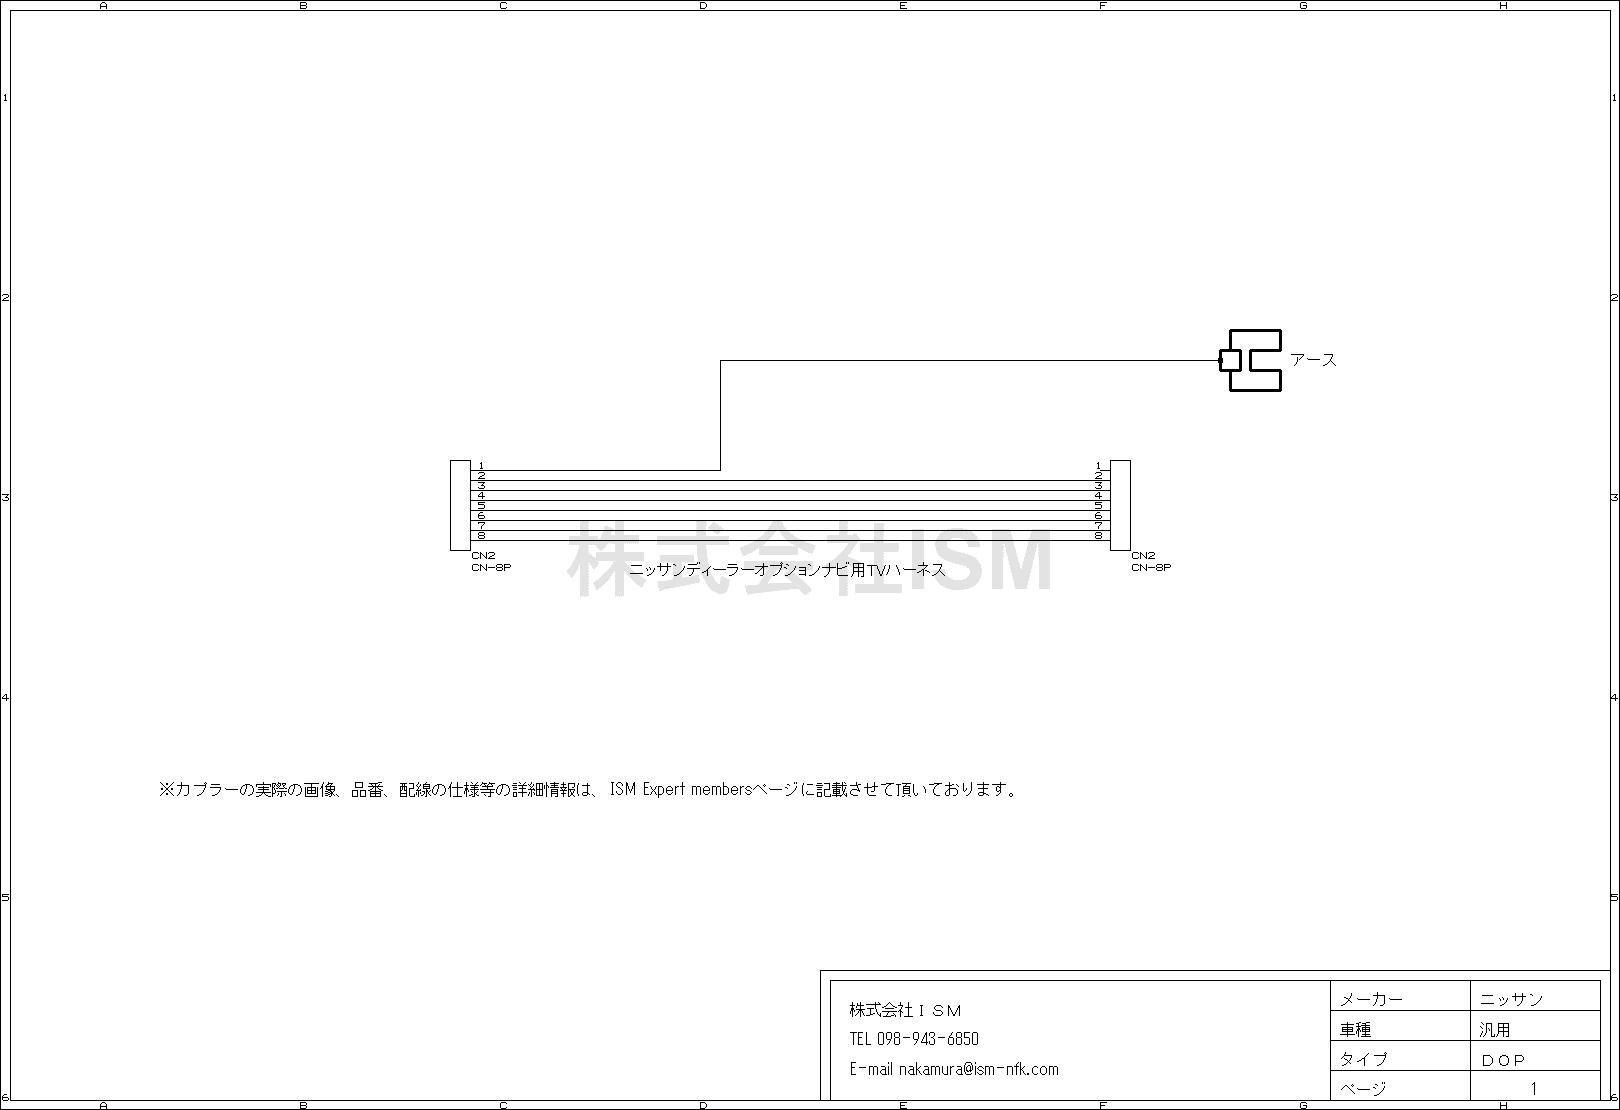 ニッサンDOPナビ用TVハーネス配線図_1